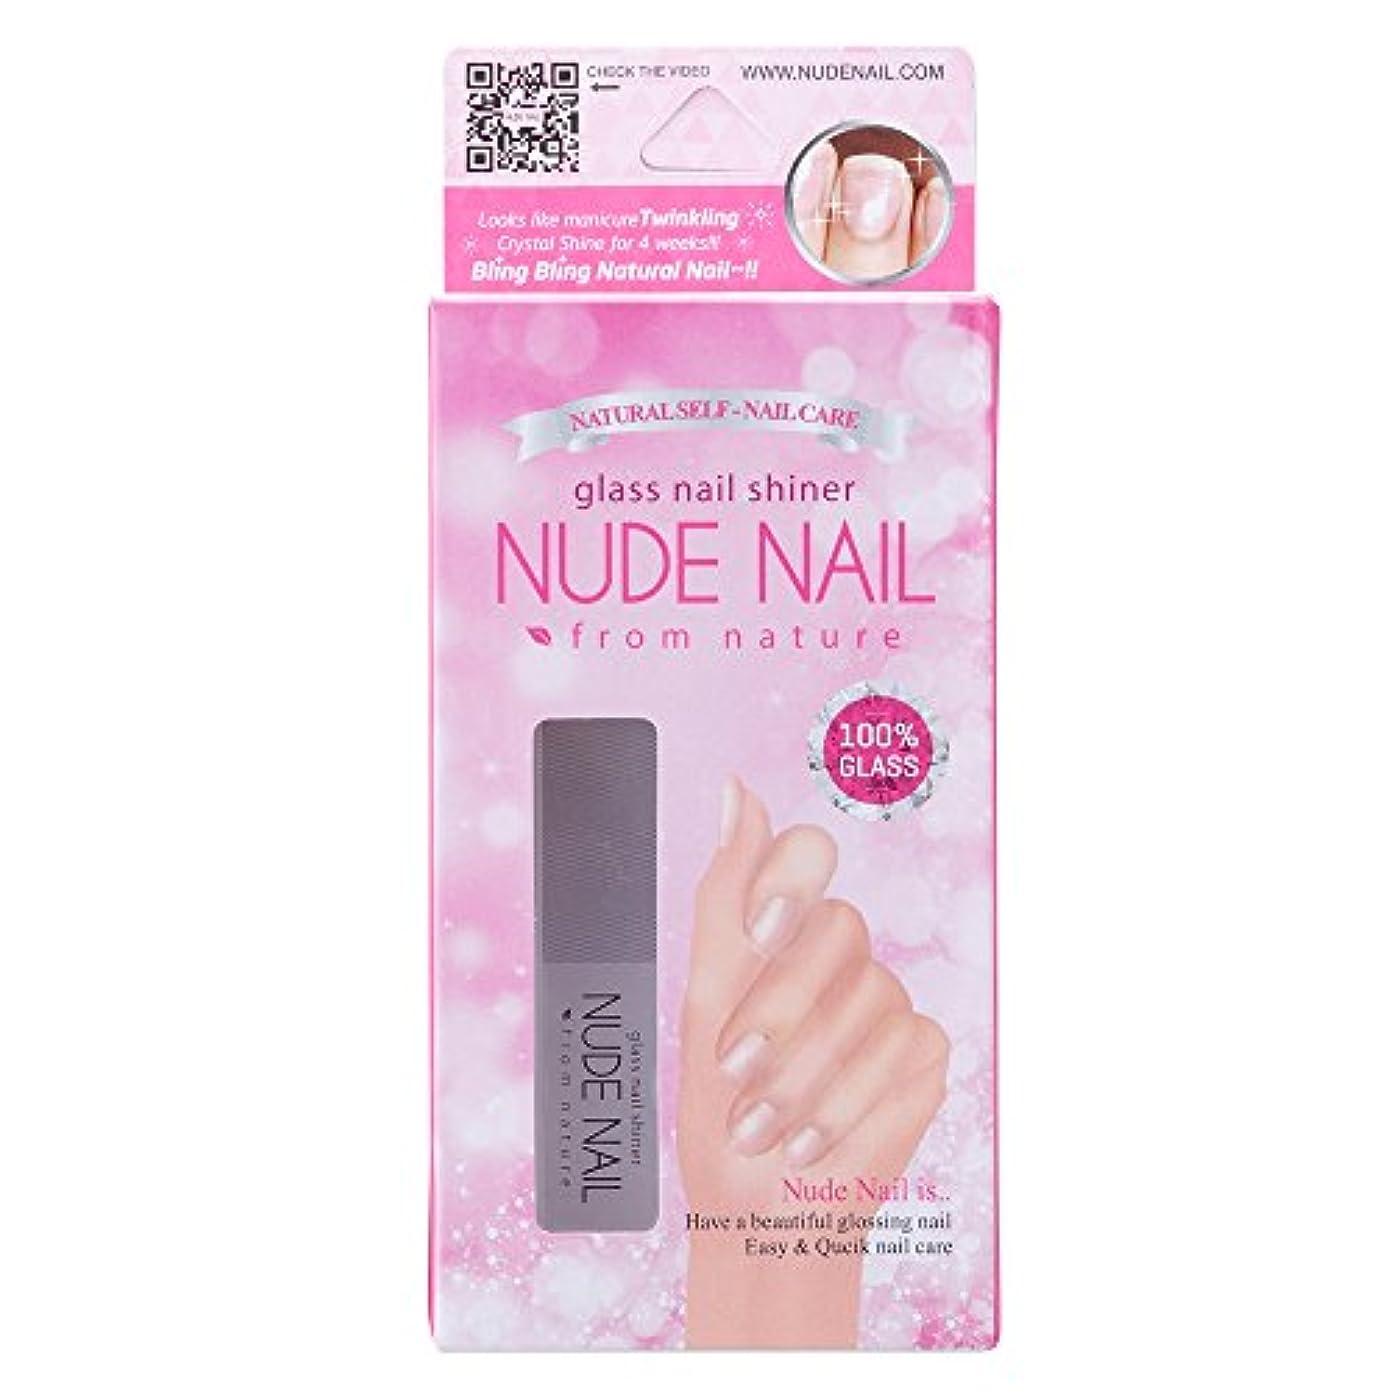 年金受給者ノイズ繁栄するヌードネイル グラス ネイル シャイナー ガラス製爪ヤスリ NUDE NAIL glass nail shiner